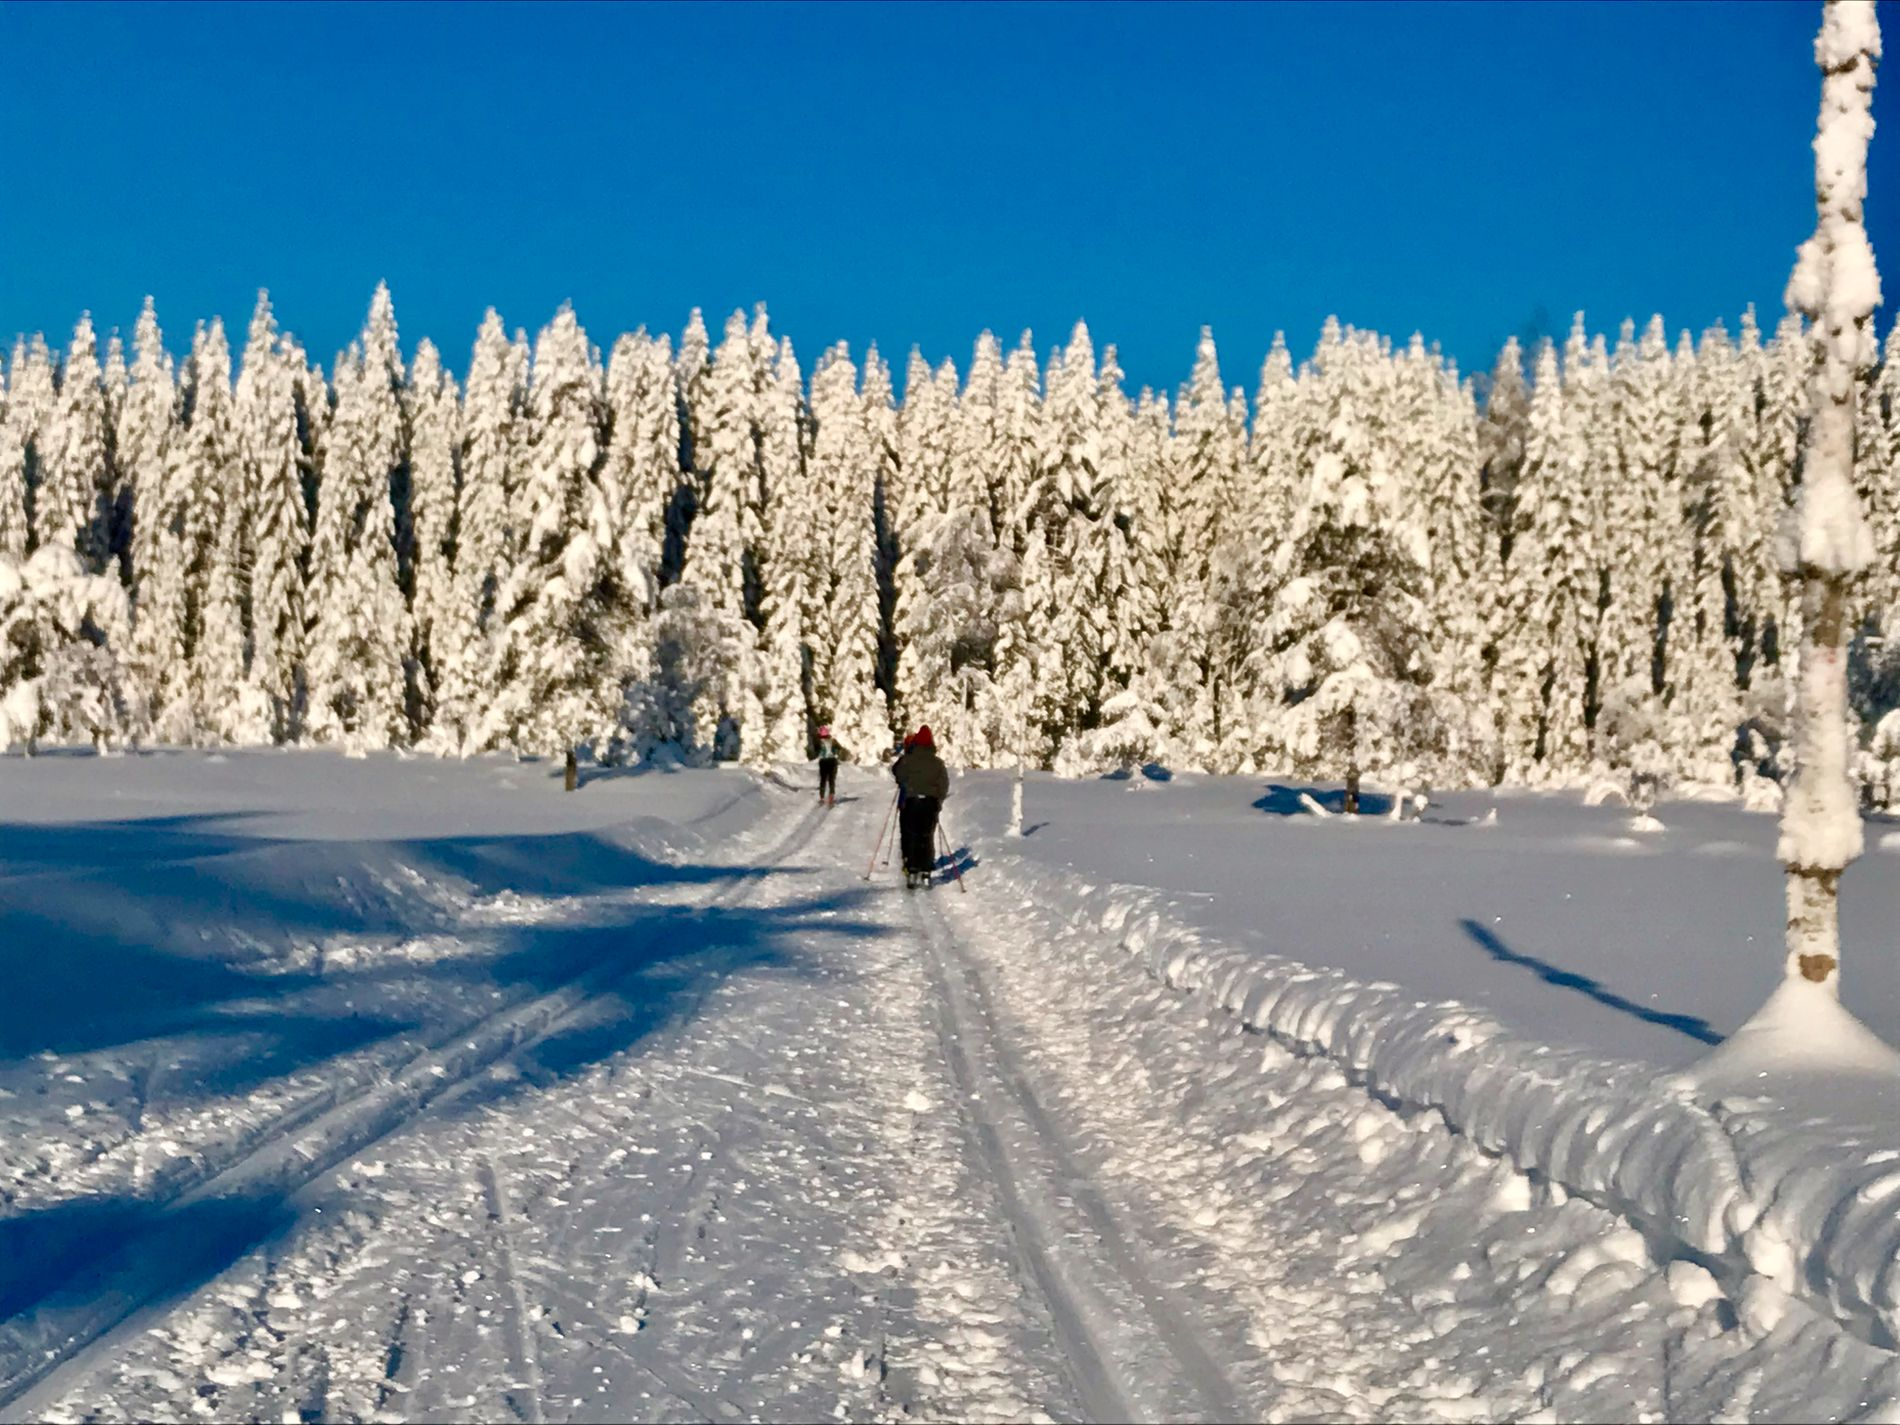 PÅ MED SKIENE: Det blir påfyll av snø i store deler av landet, og skulle det friste med en skitur, melder meteorologene om en «vinterlig helg i vente».